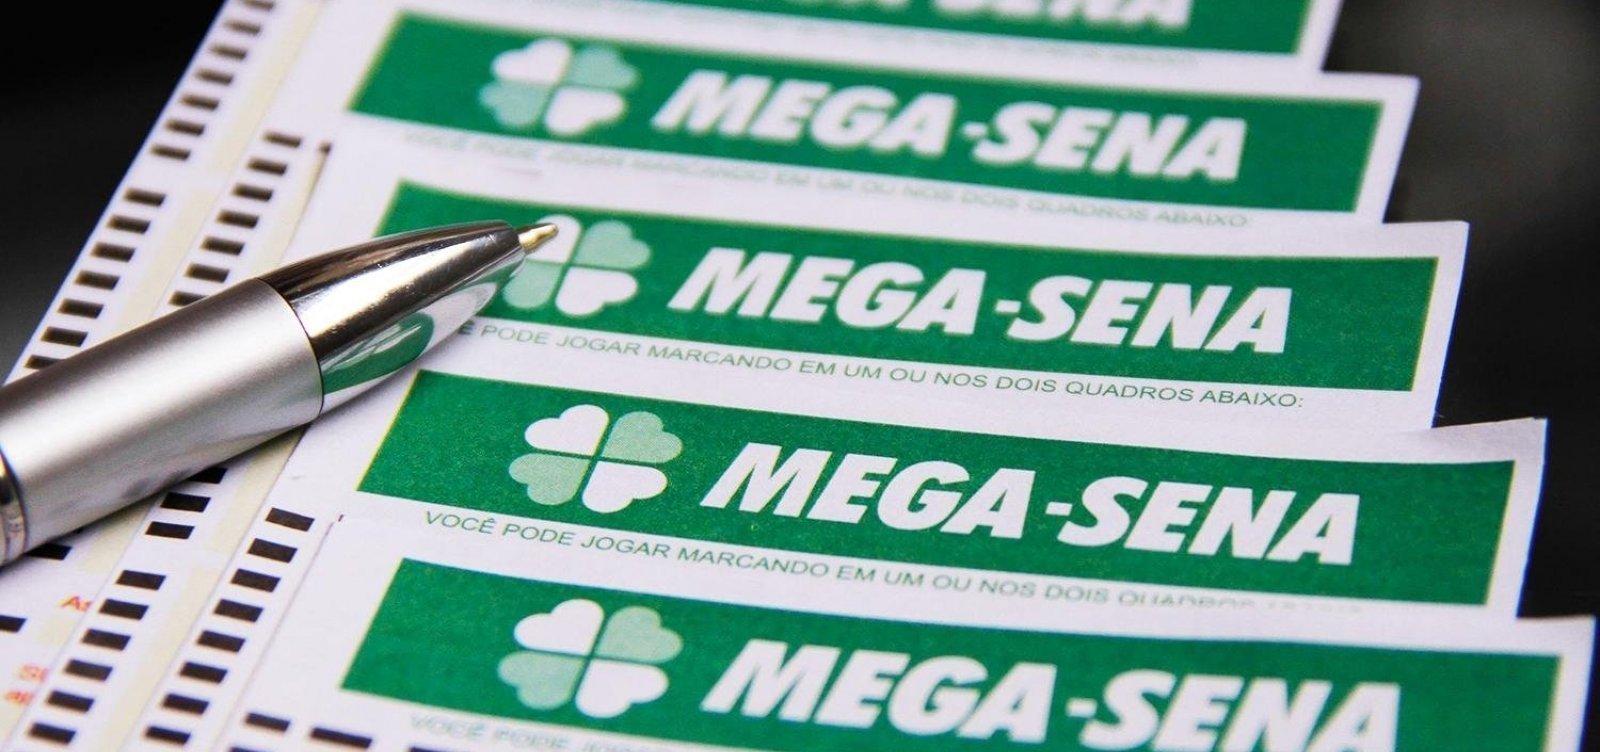 Mega-Sena: ninguém acerta as seis dezenas e prêmio acumula em R$ 19 milhões